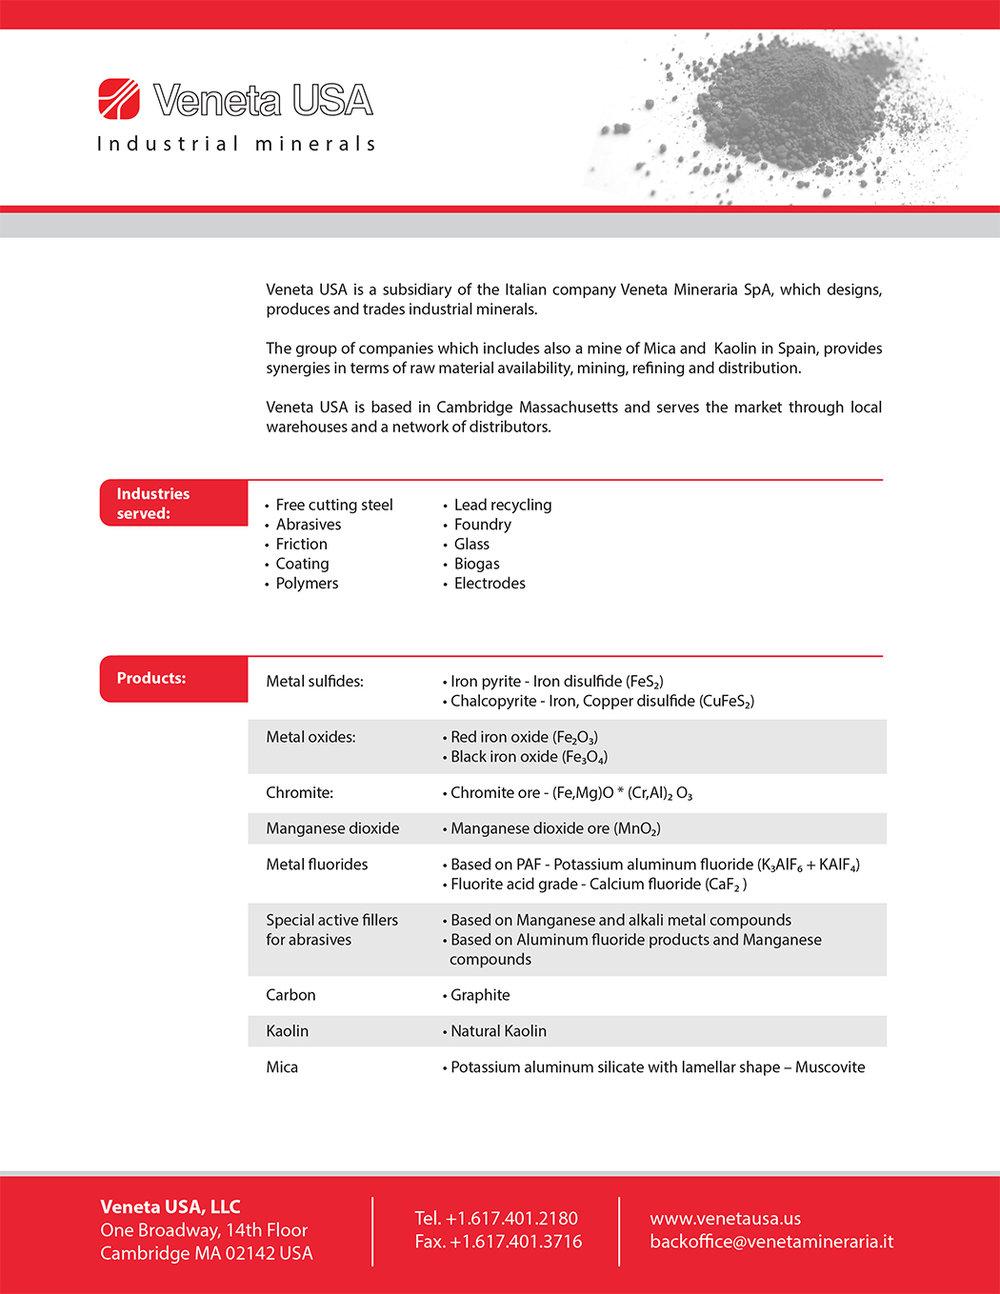 Veneta Data Sheet